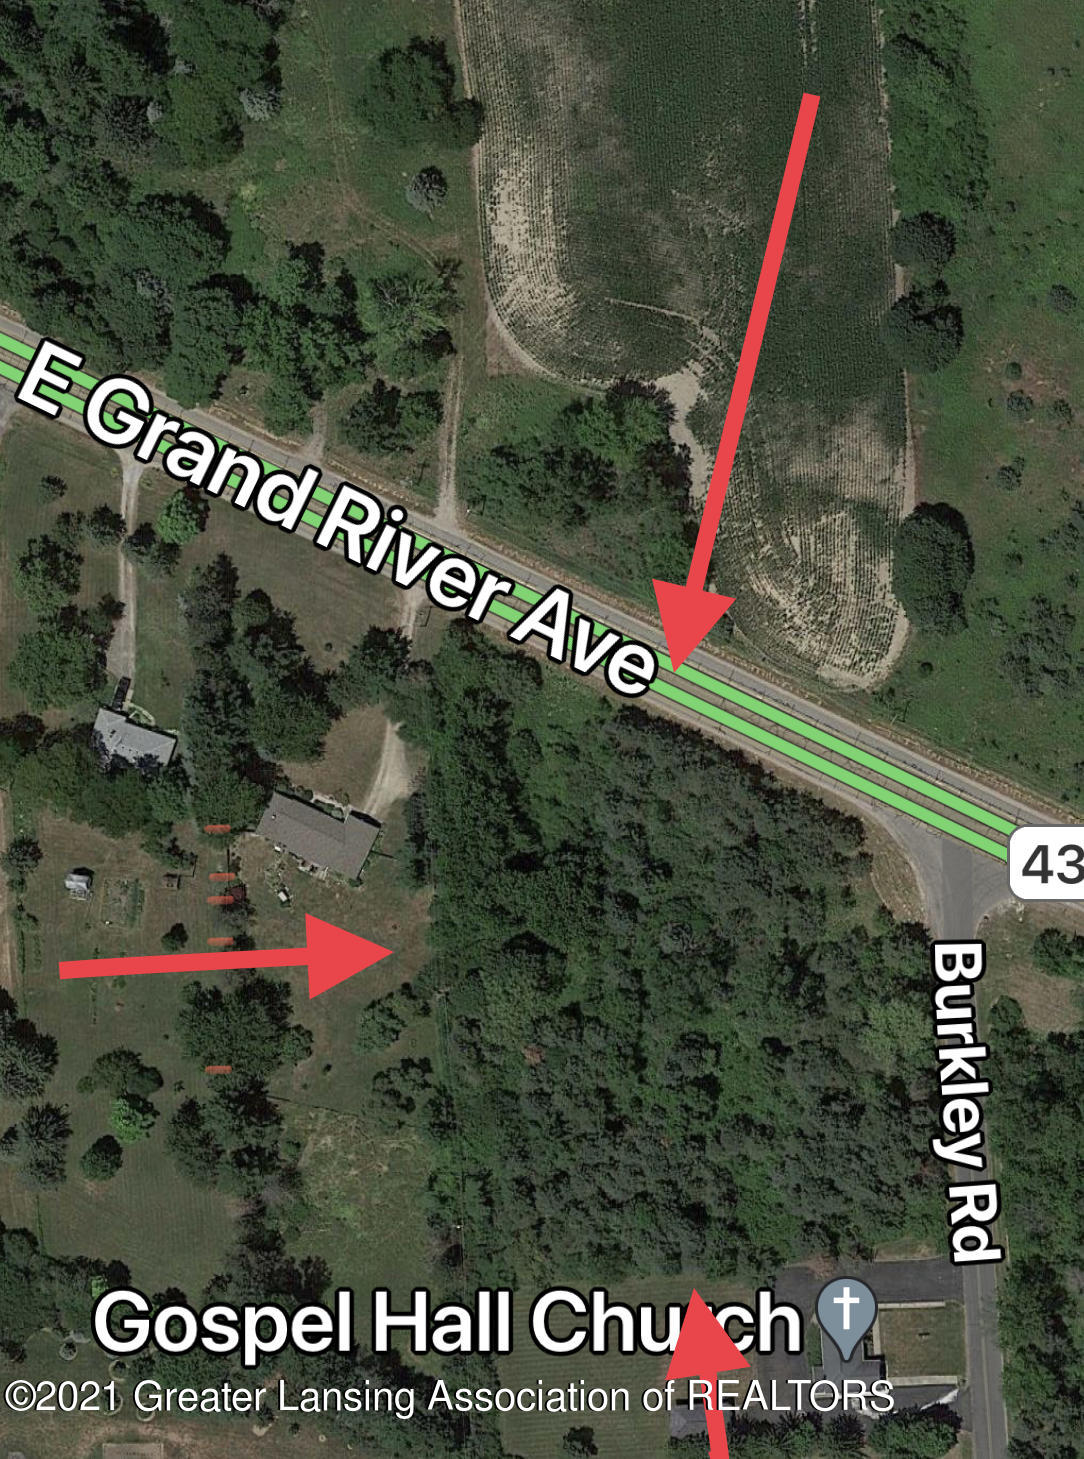 450 E Grand River Rd - Pic 1 - 1